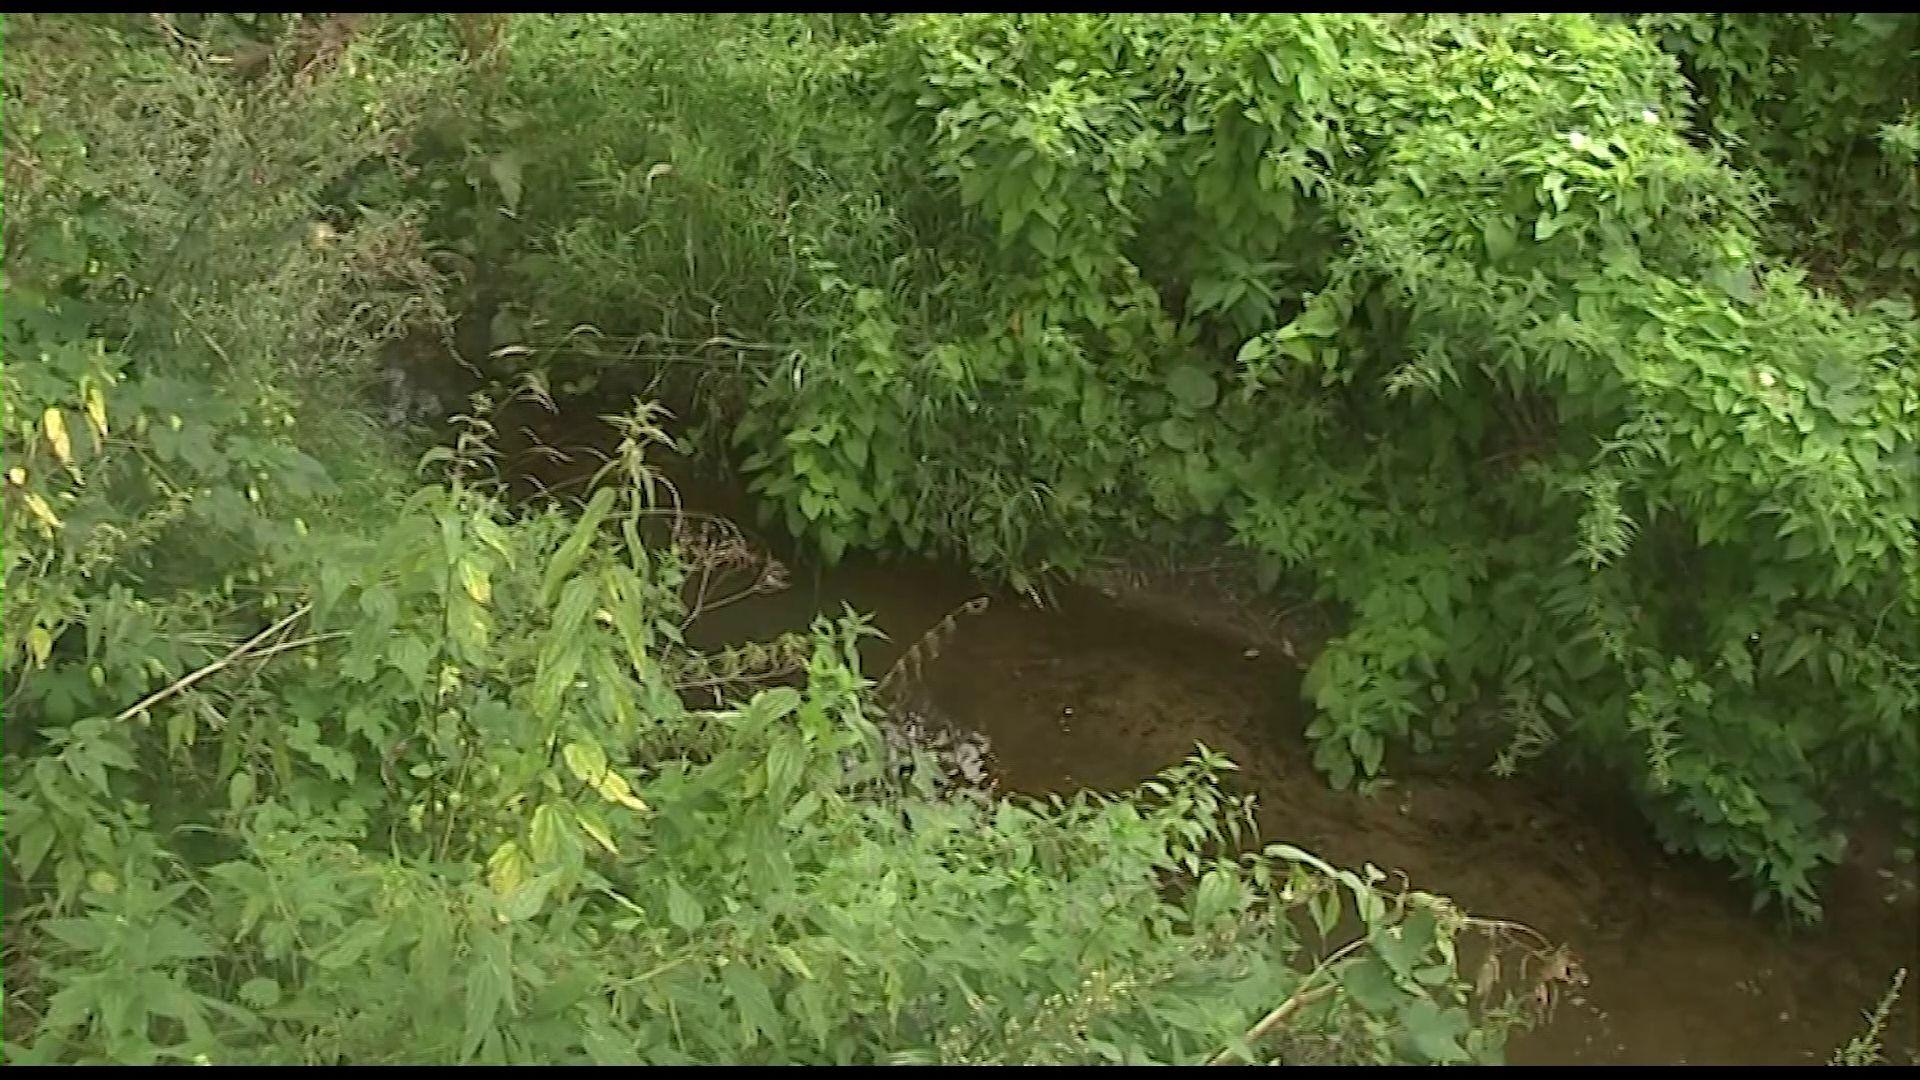 Фактов утечки фильтрата с территории полигона «Скоково» в реку Нору не выявлено